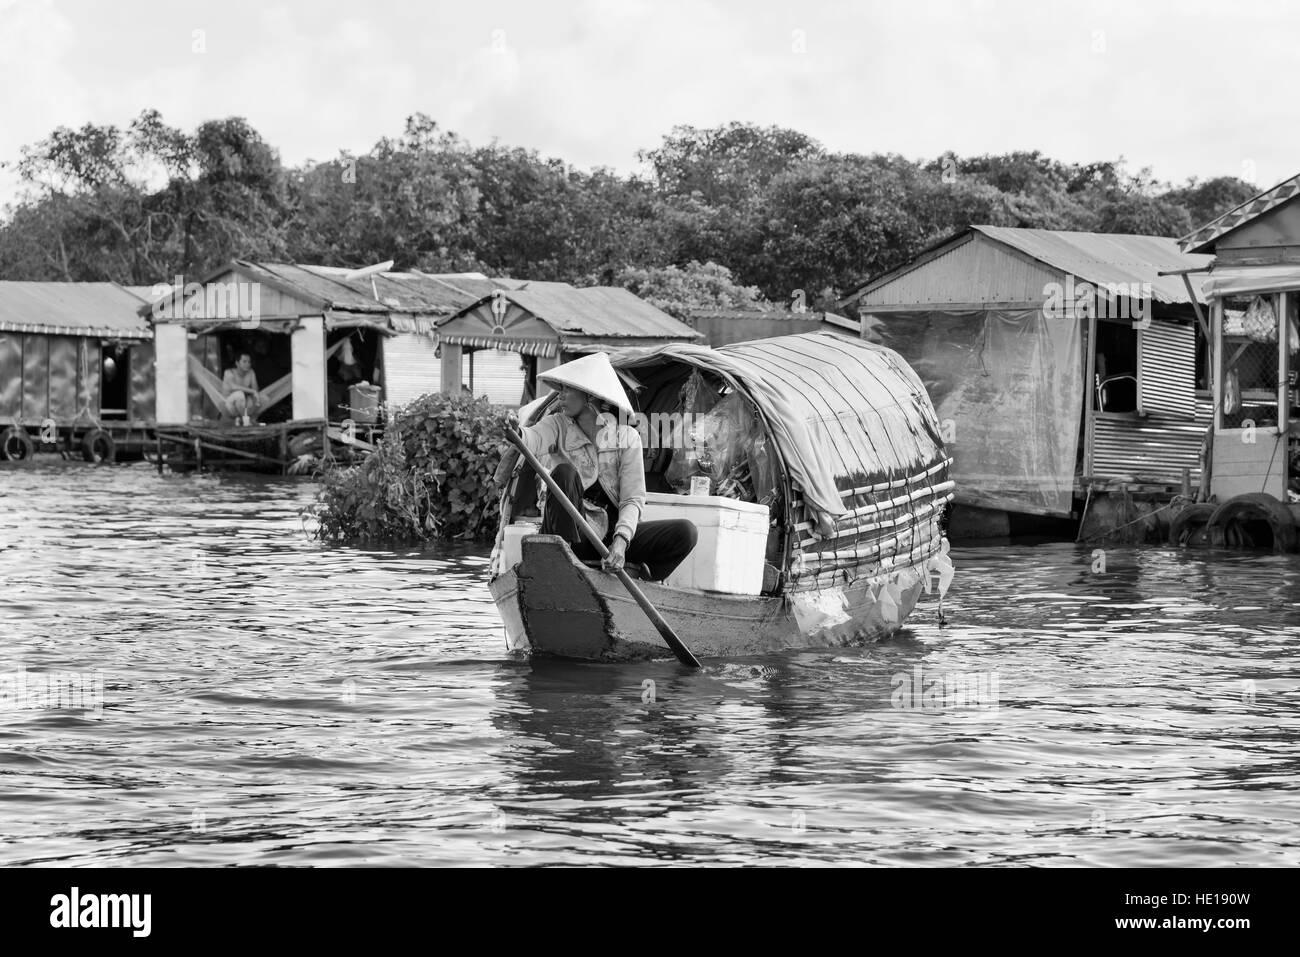 Tonle Sap aldea flotante Imagen De Stock